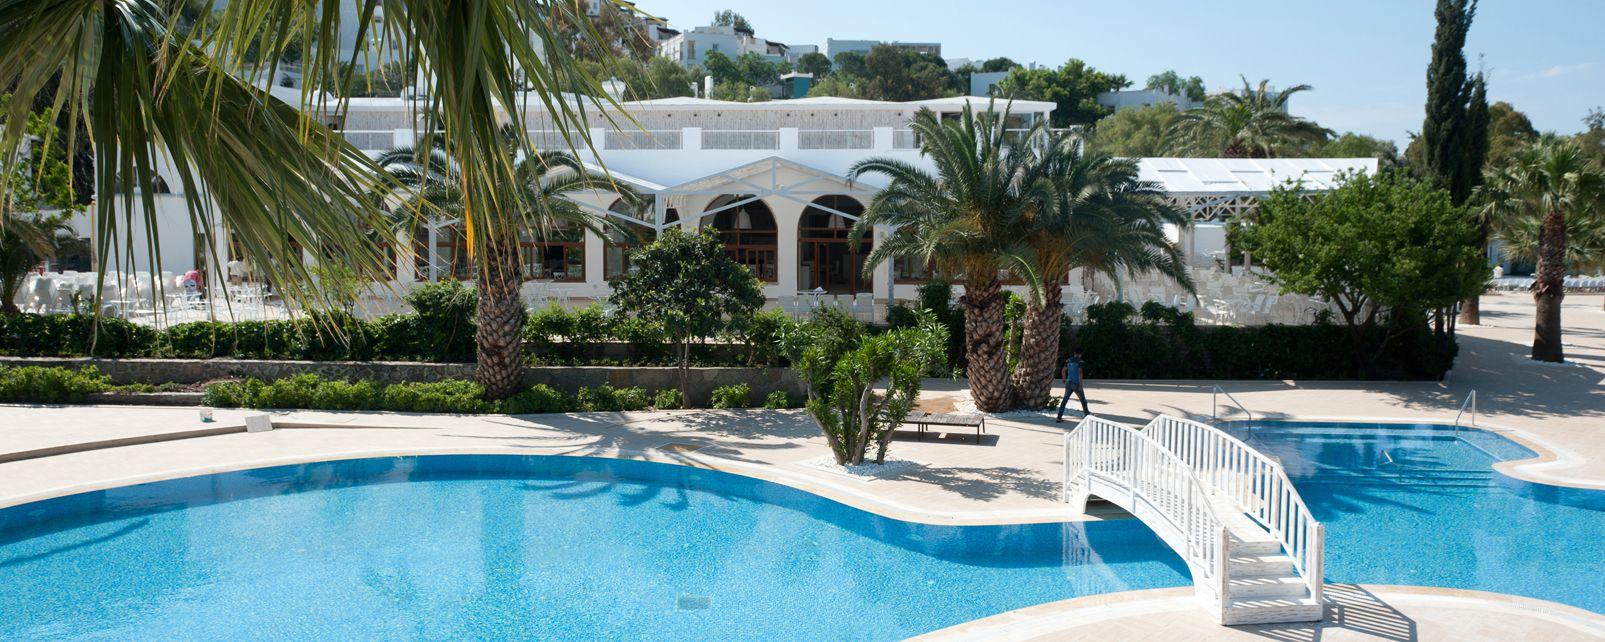 Hôtel Vera Miramare Resort